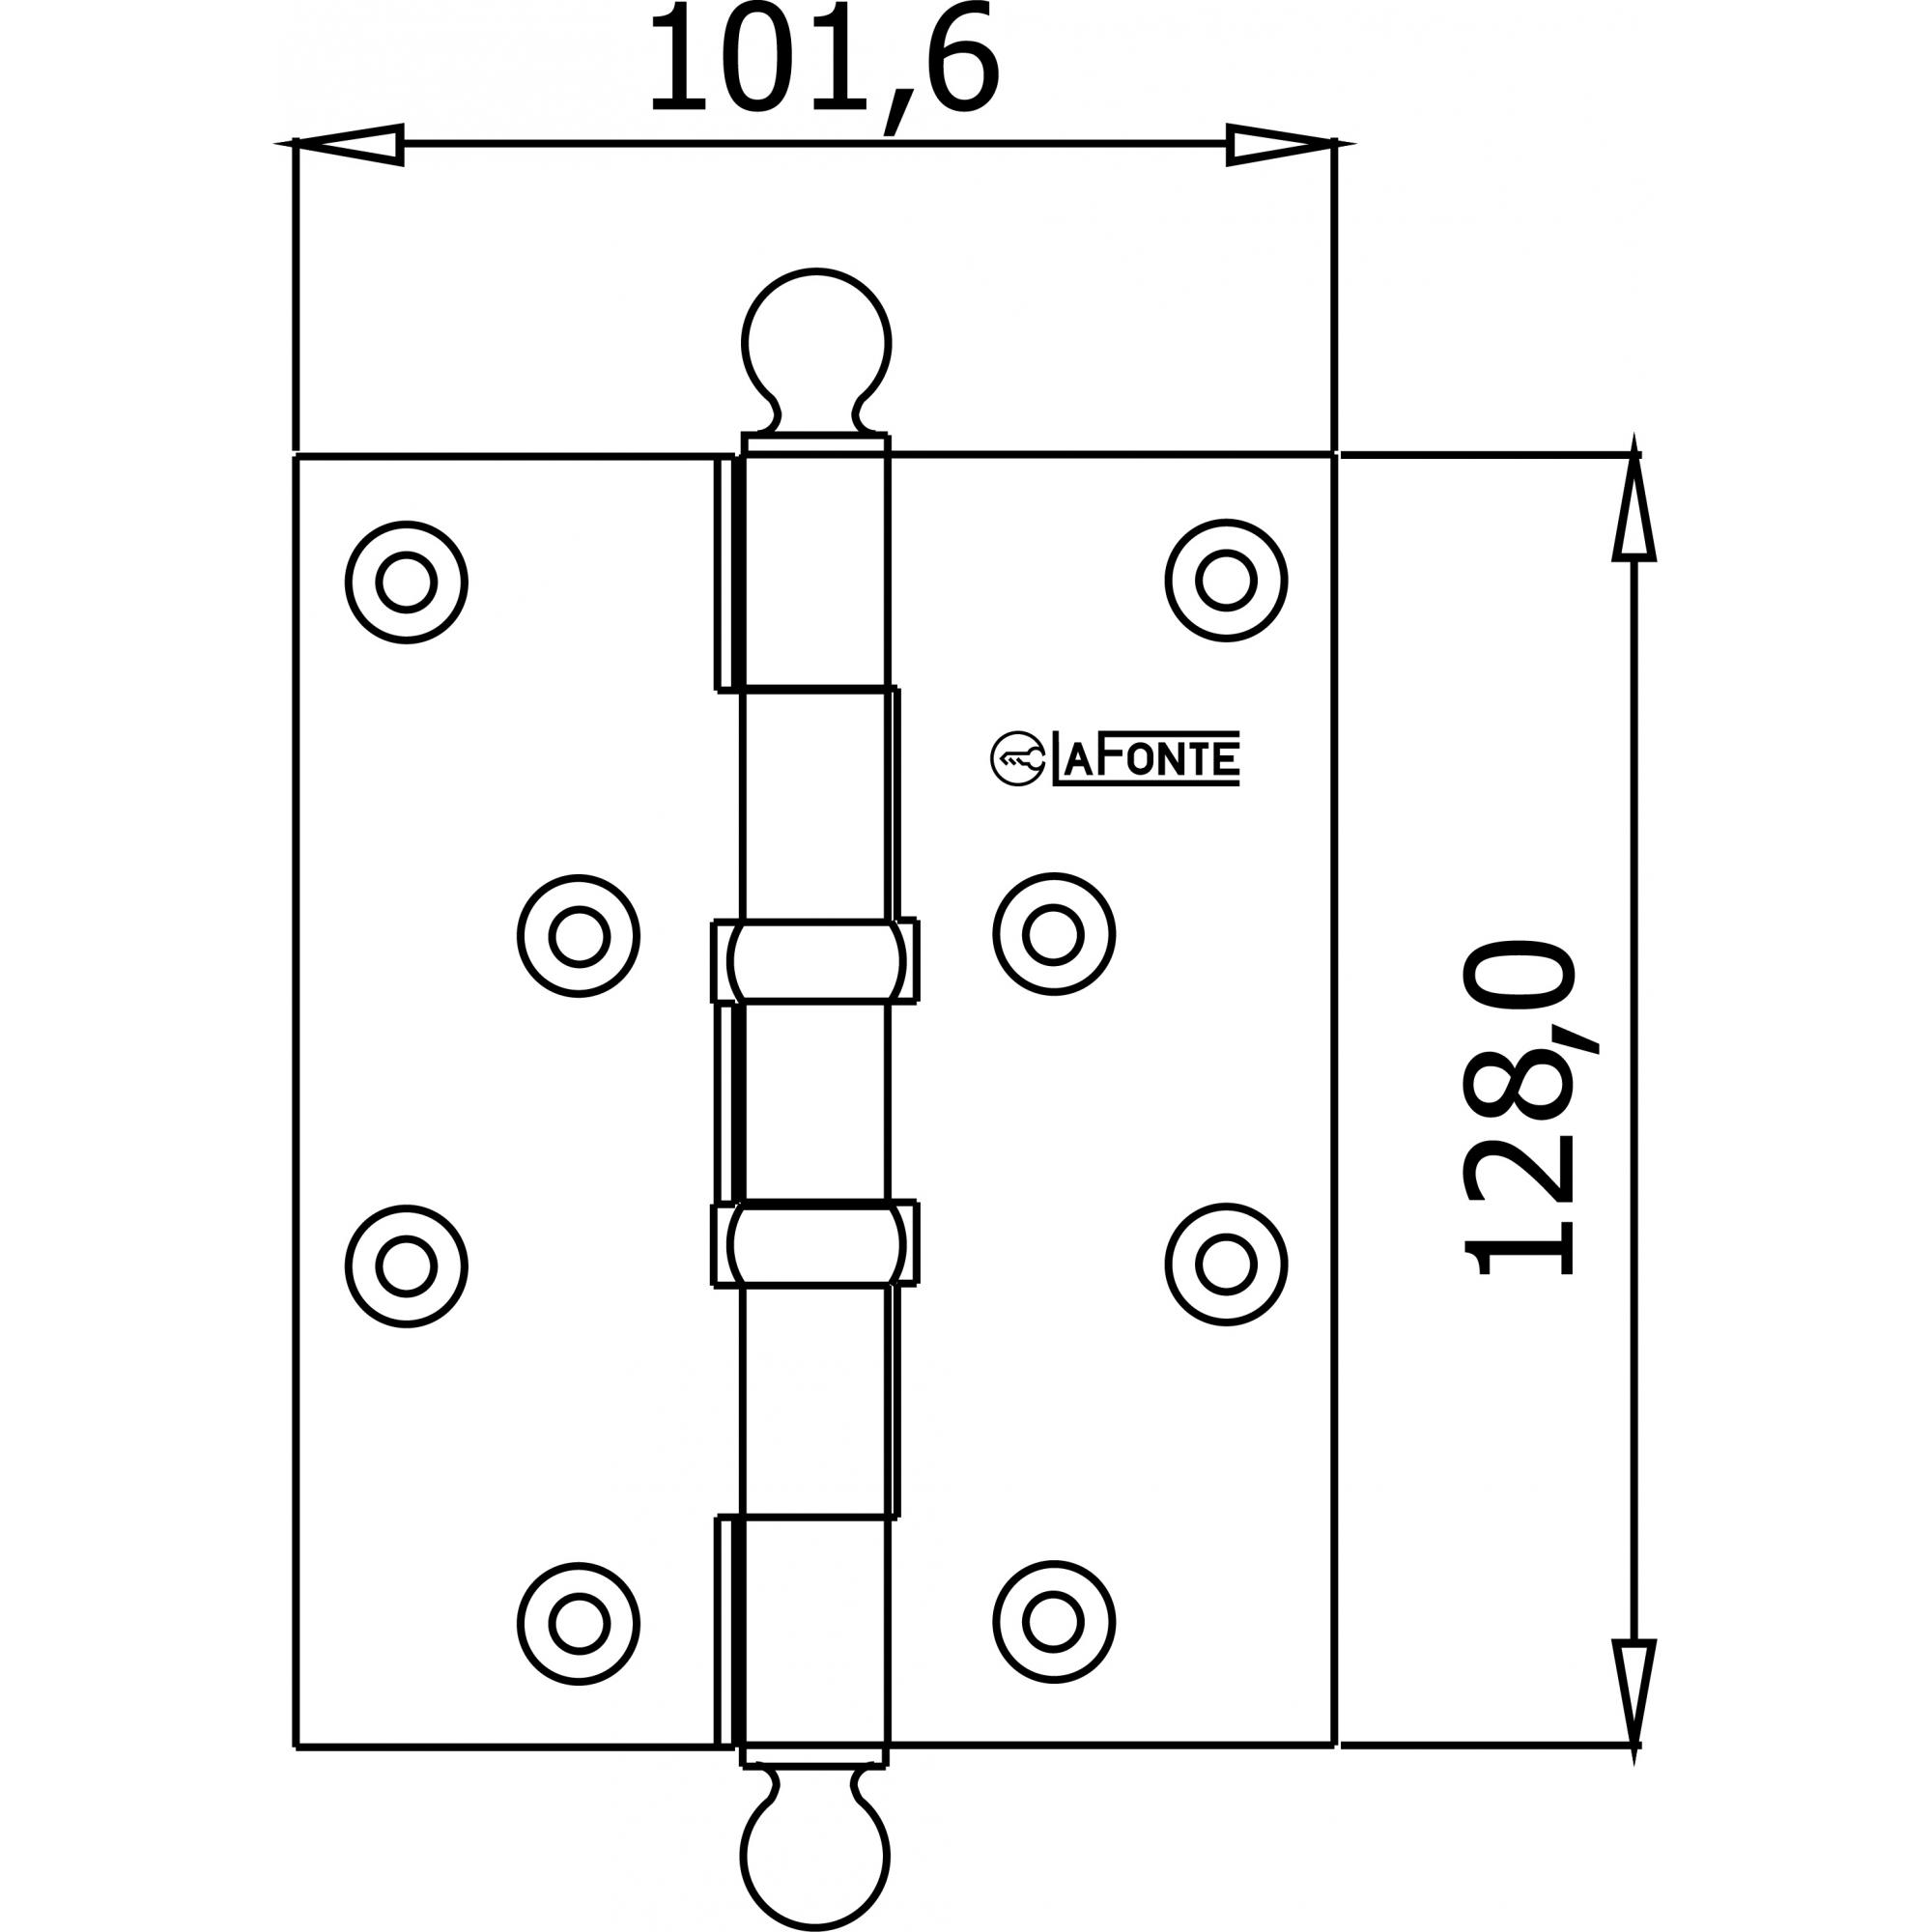 DOBRADICA 80 DOURADA ENVERNIZADA COM ANEL 5,0 X 4,0